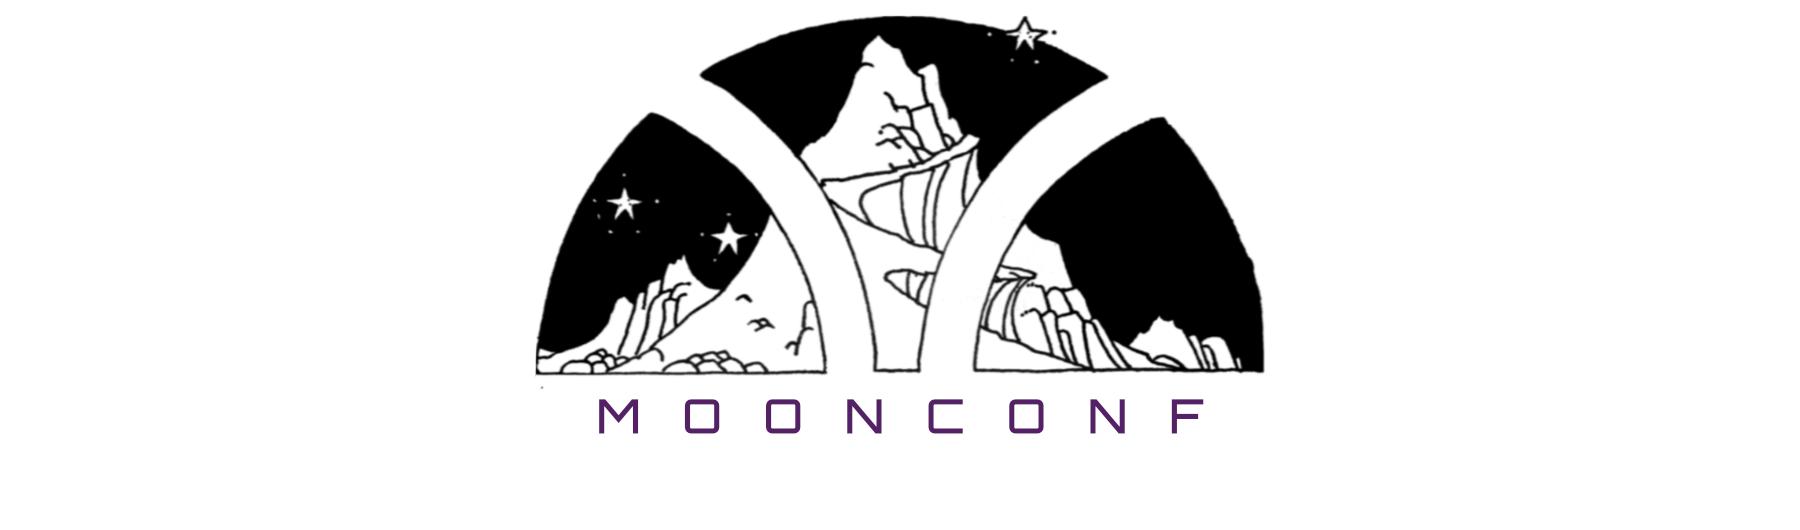 moonconf 2016